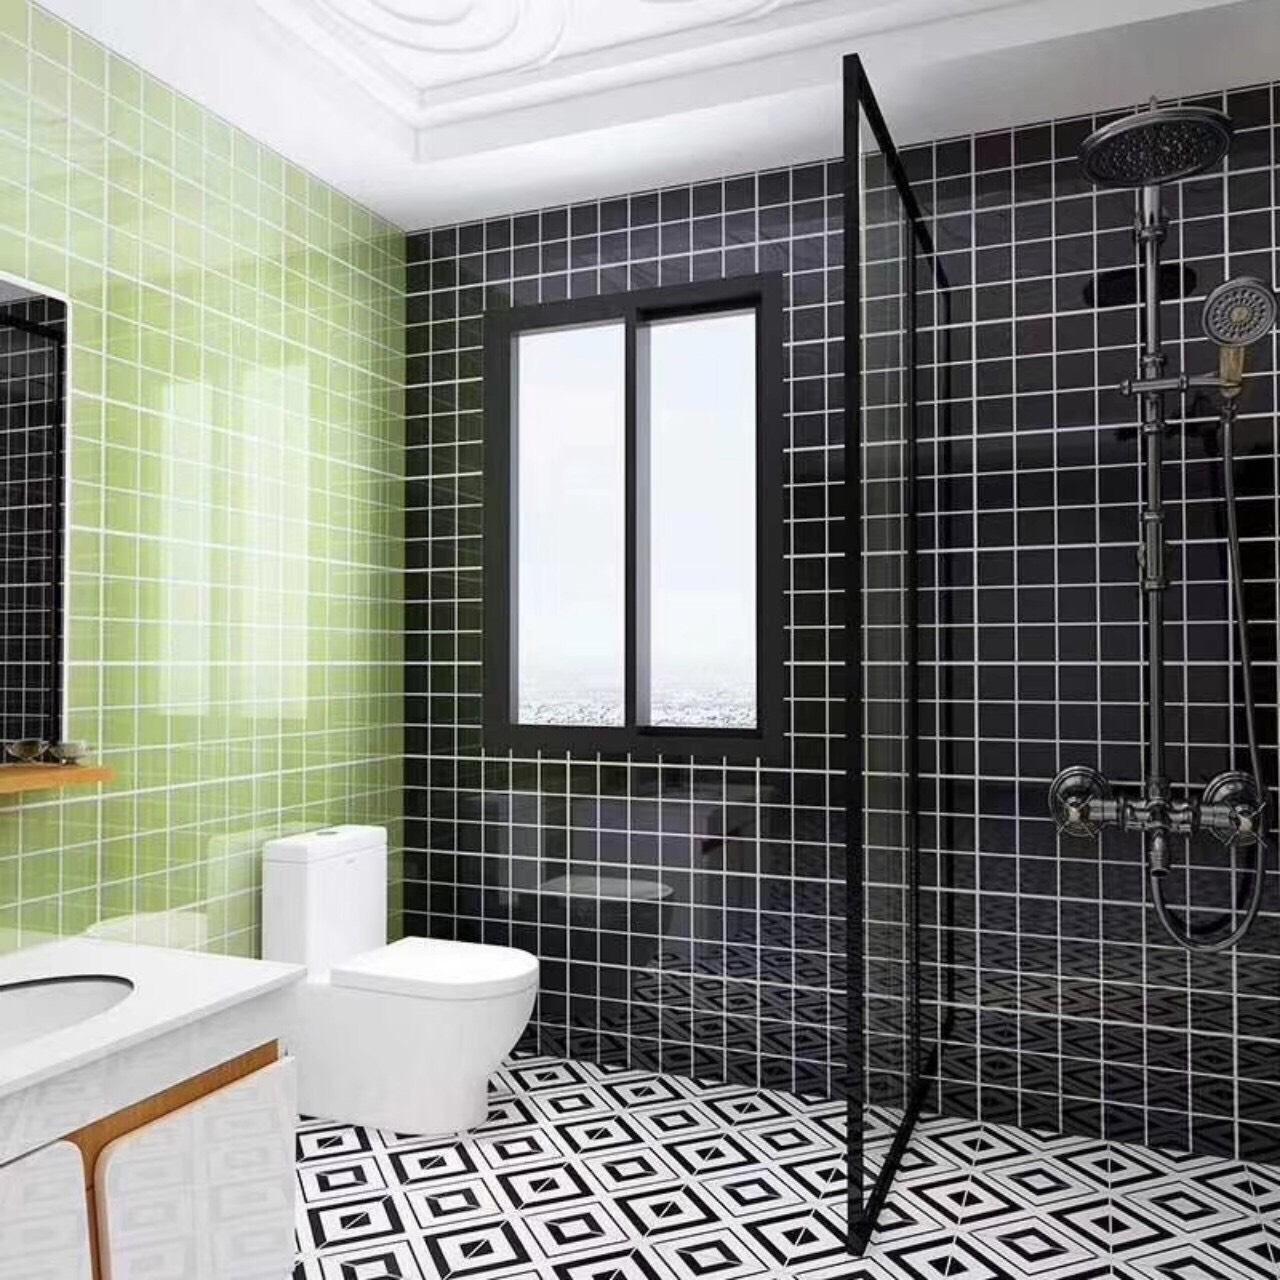 gạch thẻ ốp tường màu xanh lá cây và màu đen